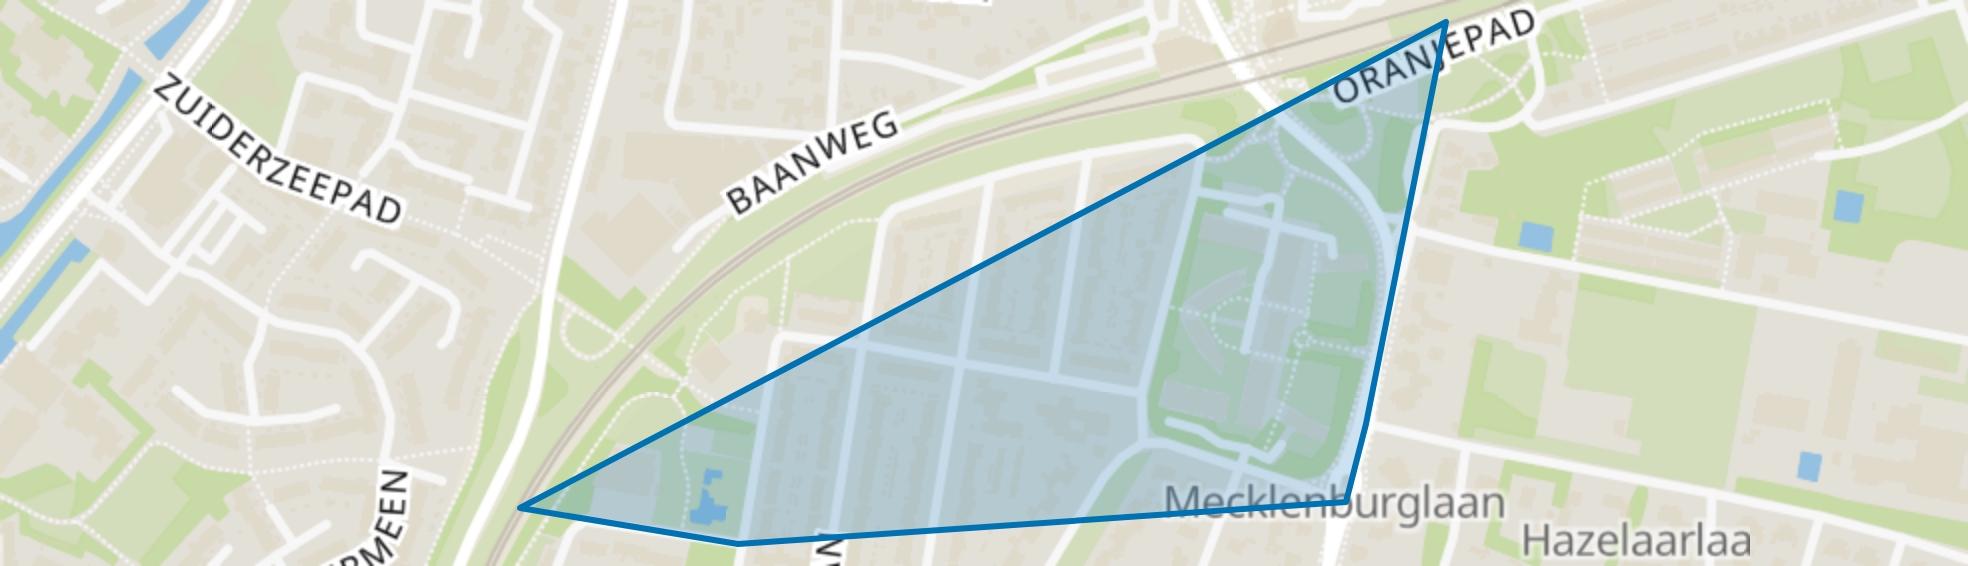 Slingerbos-Noord, Harderwijk map